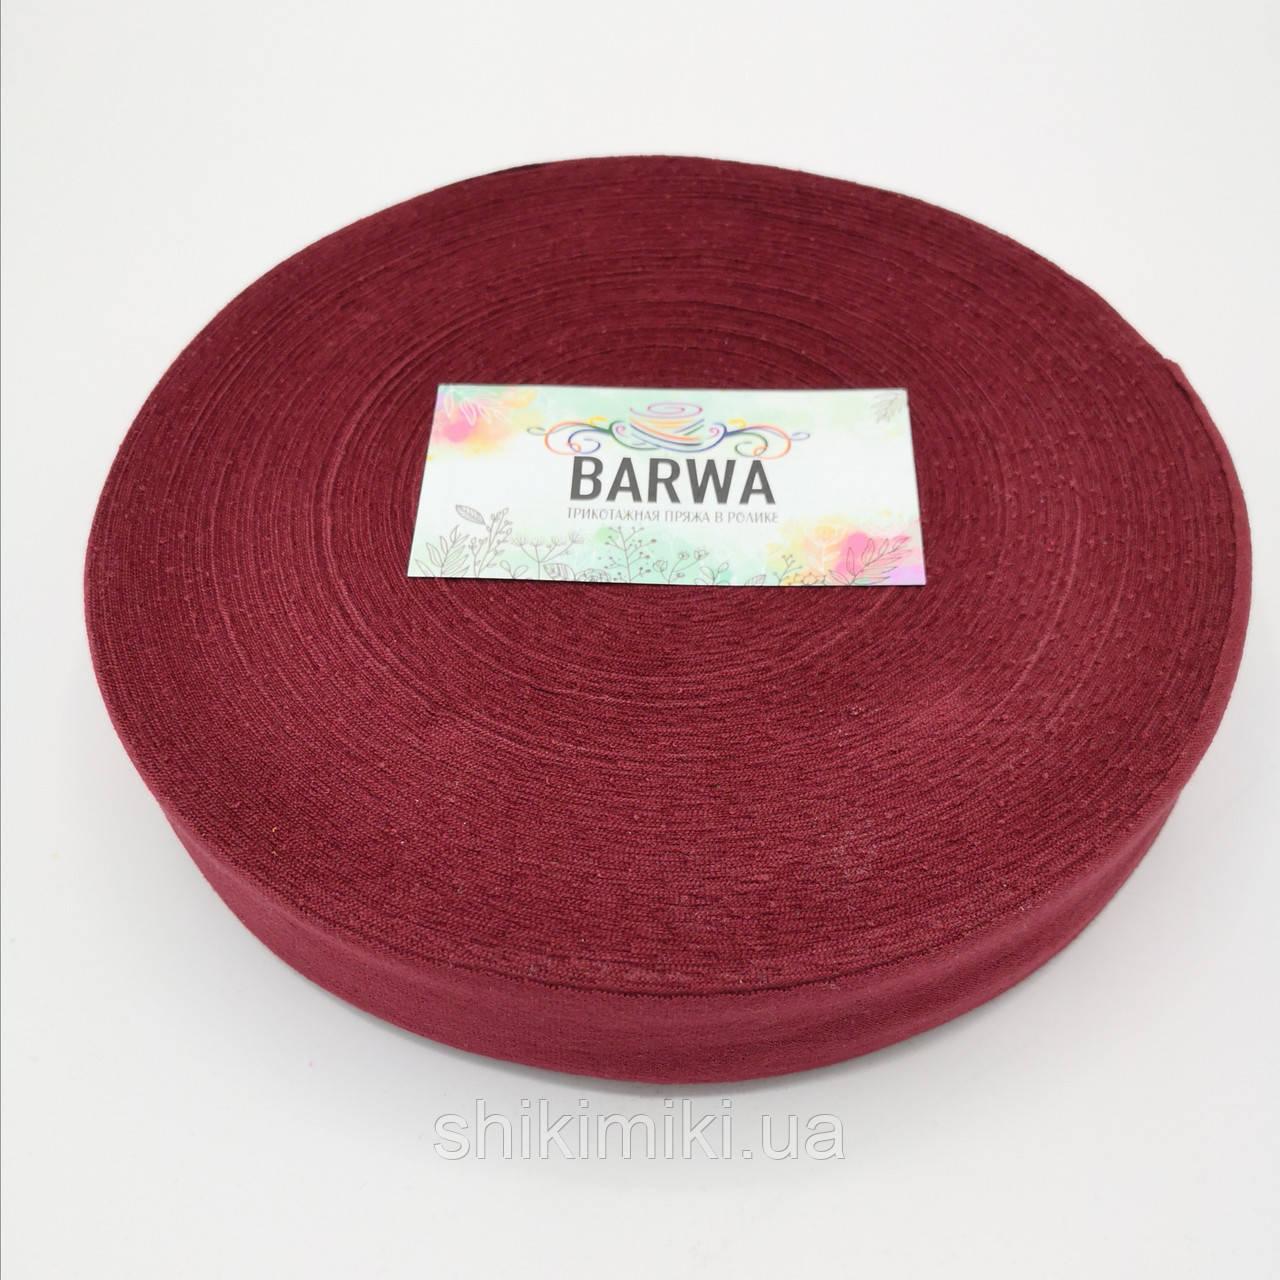 Трикотажная пряжа Barwa в роликах, цвет Спелая вишня